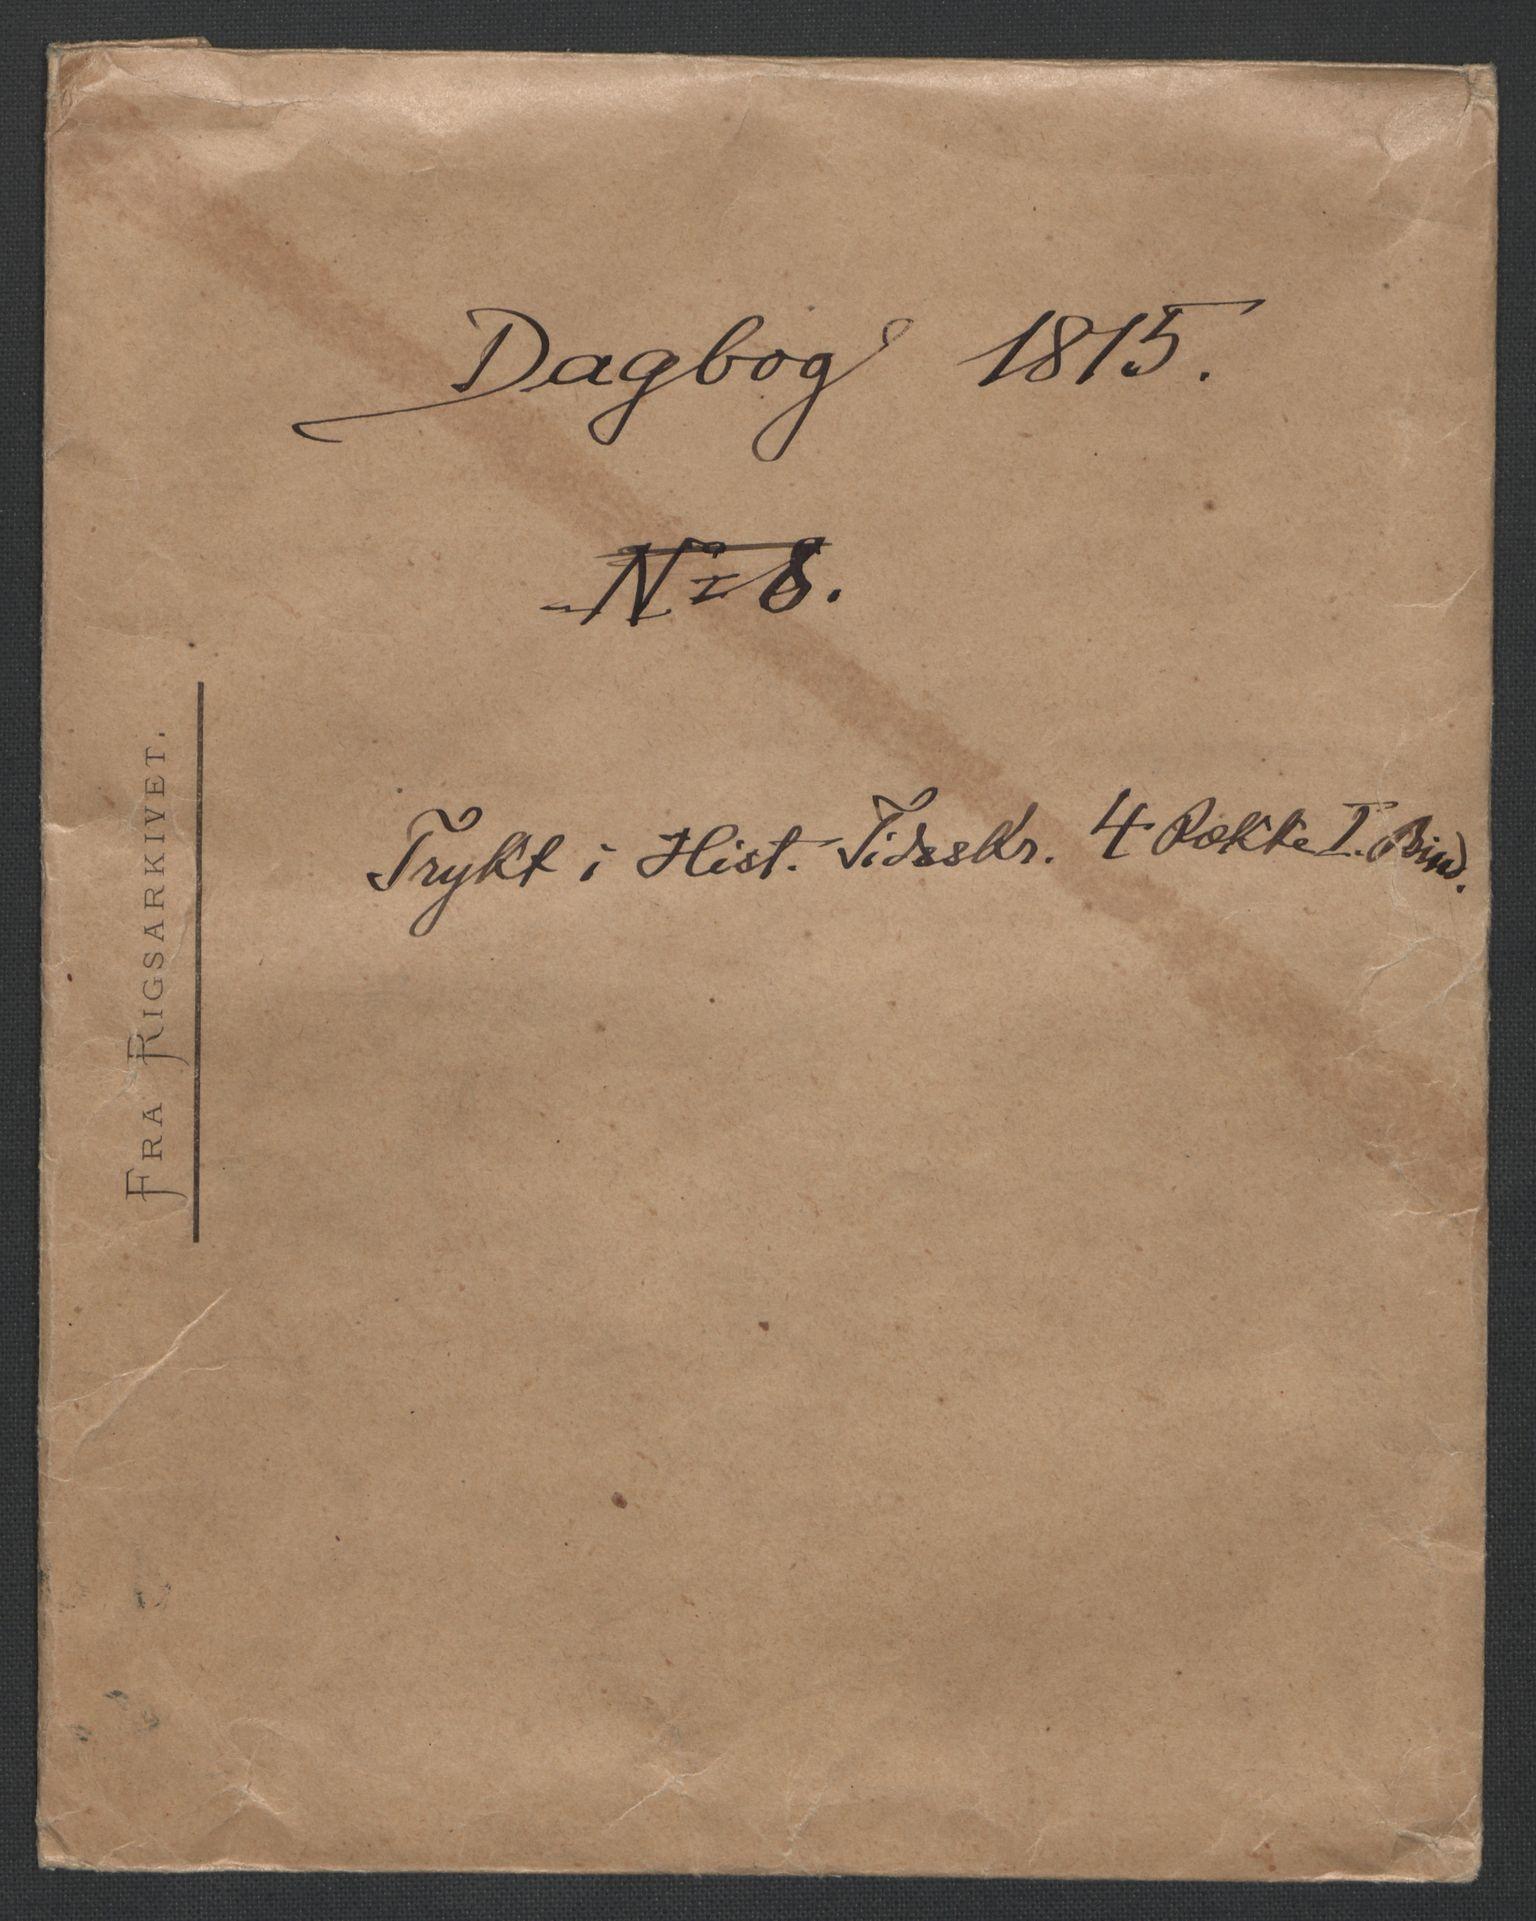 RA, Christie, Wilhelm Frimann Koren, F/L0005, 1815-1816, s. 3